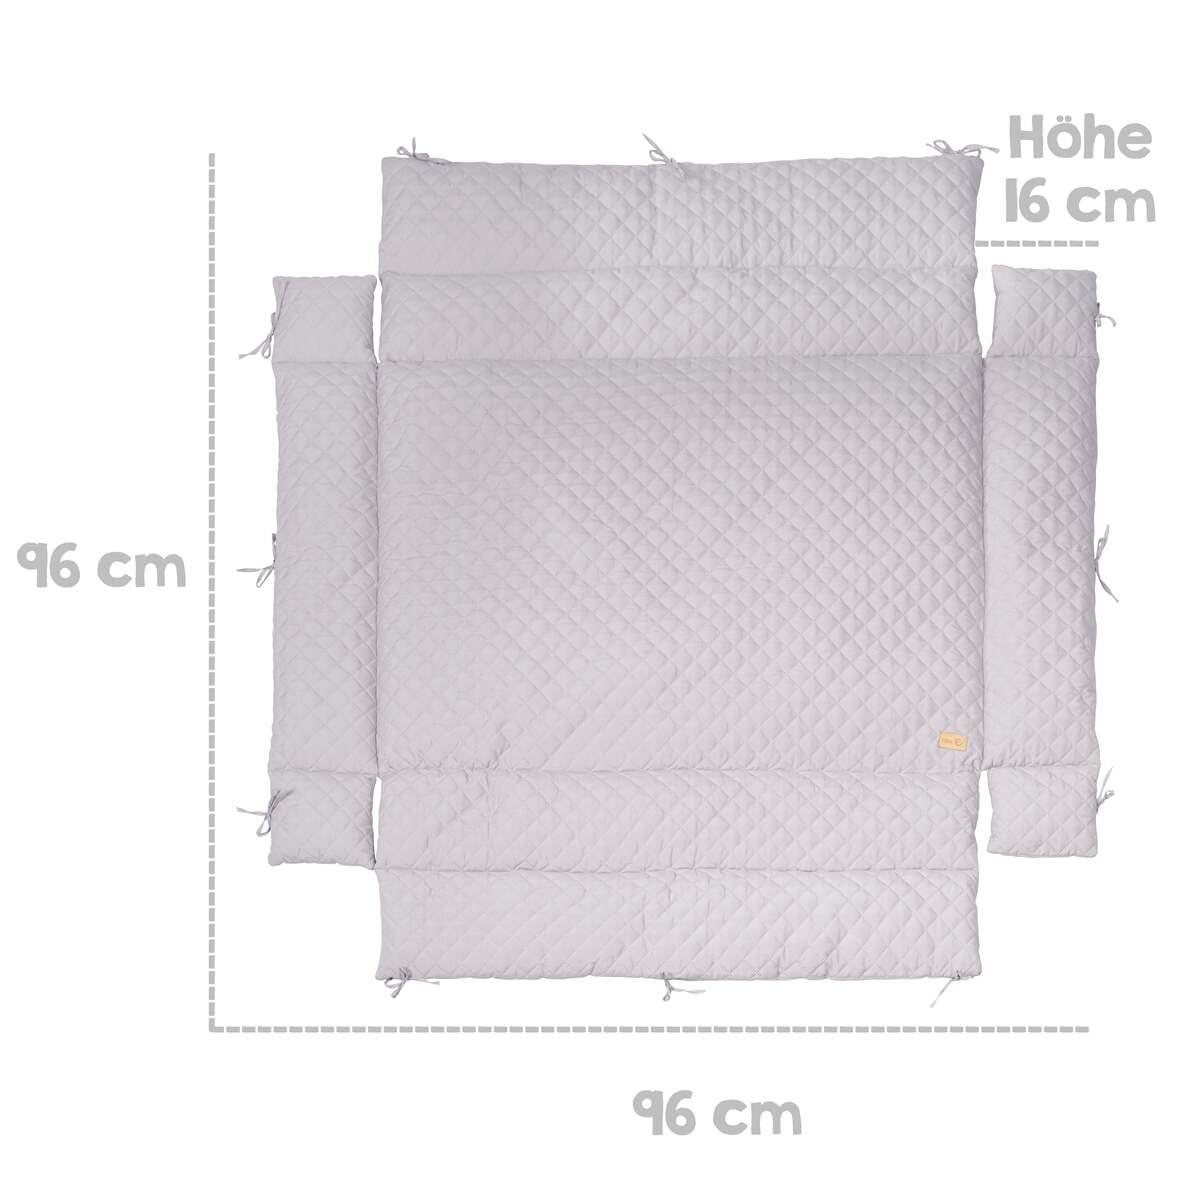 Bild 2 von roba 4-eckige Universal-Laufgittereinlage Style grau